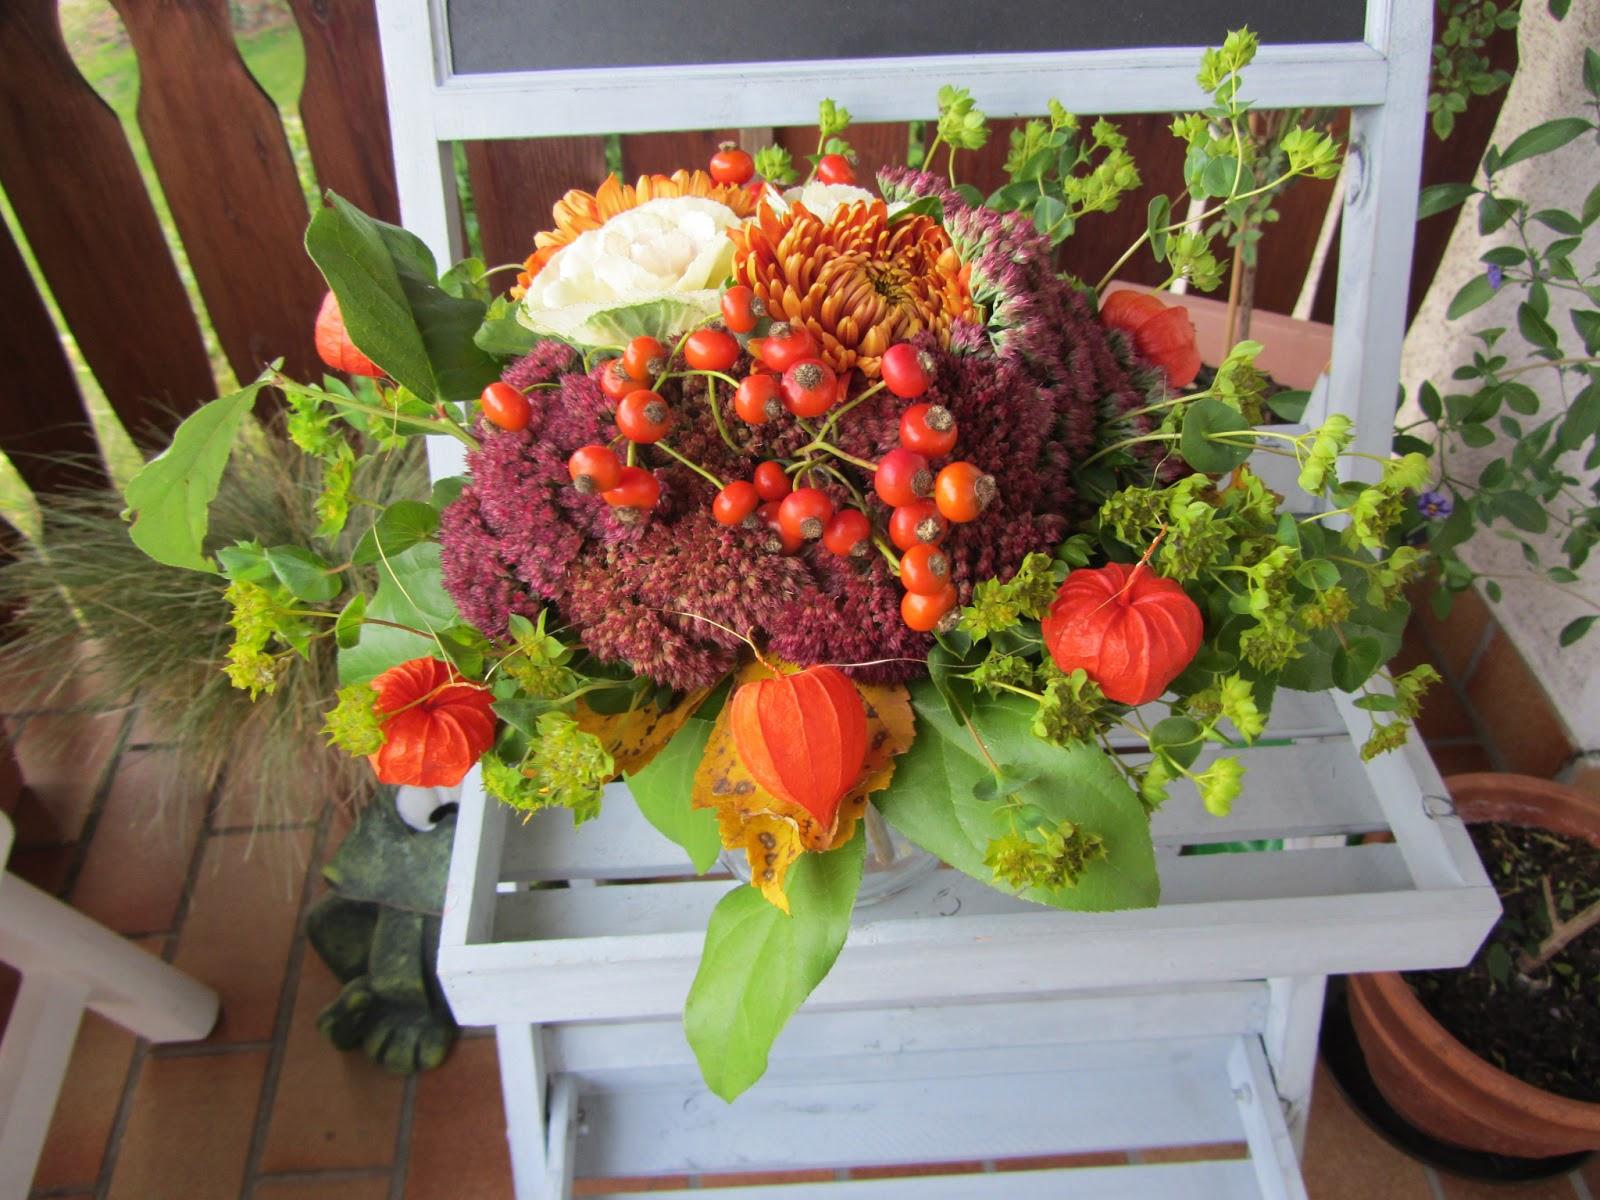 Blumenstrausse Selber Binden So Geht Es Daydreamin Blog